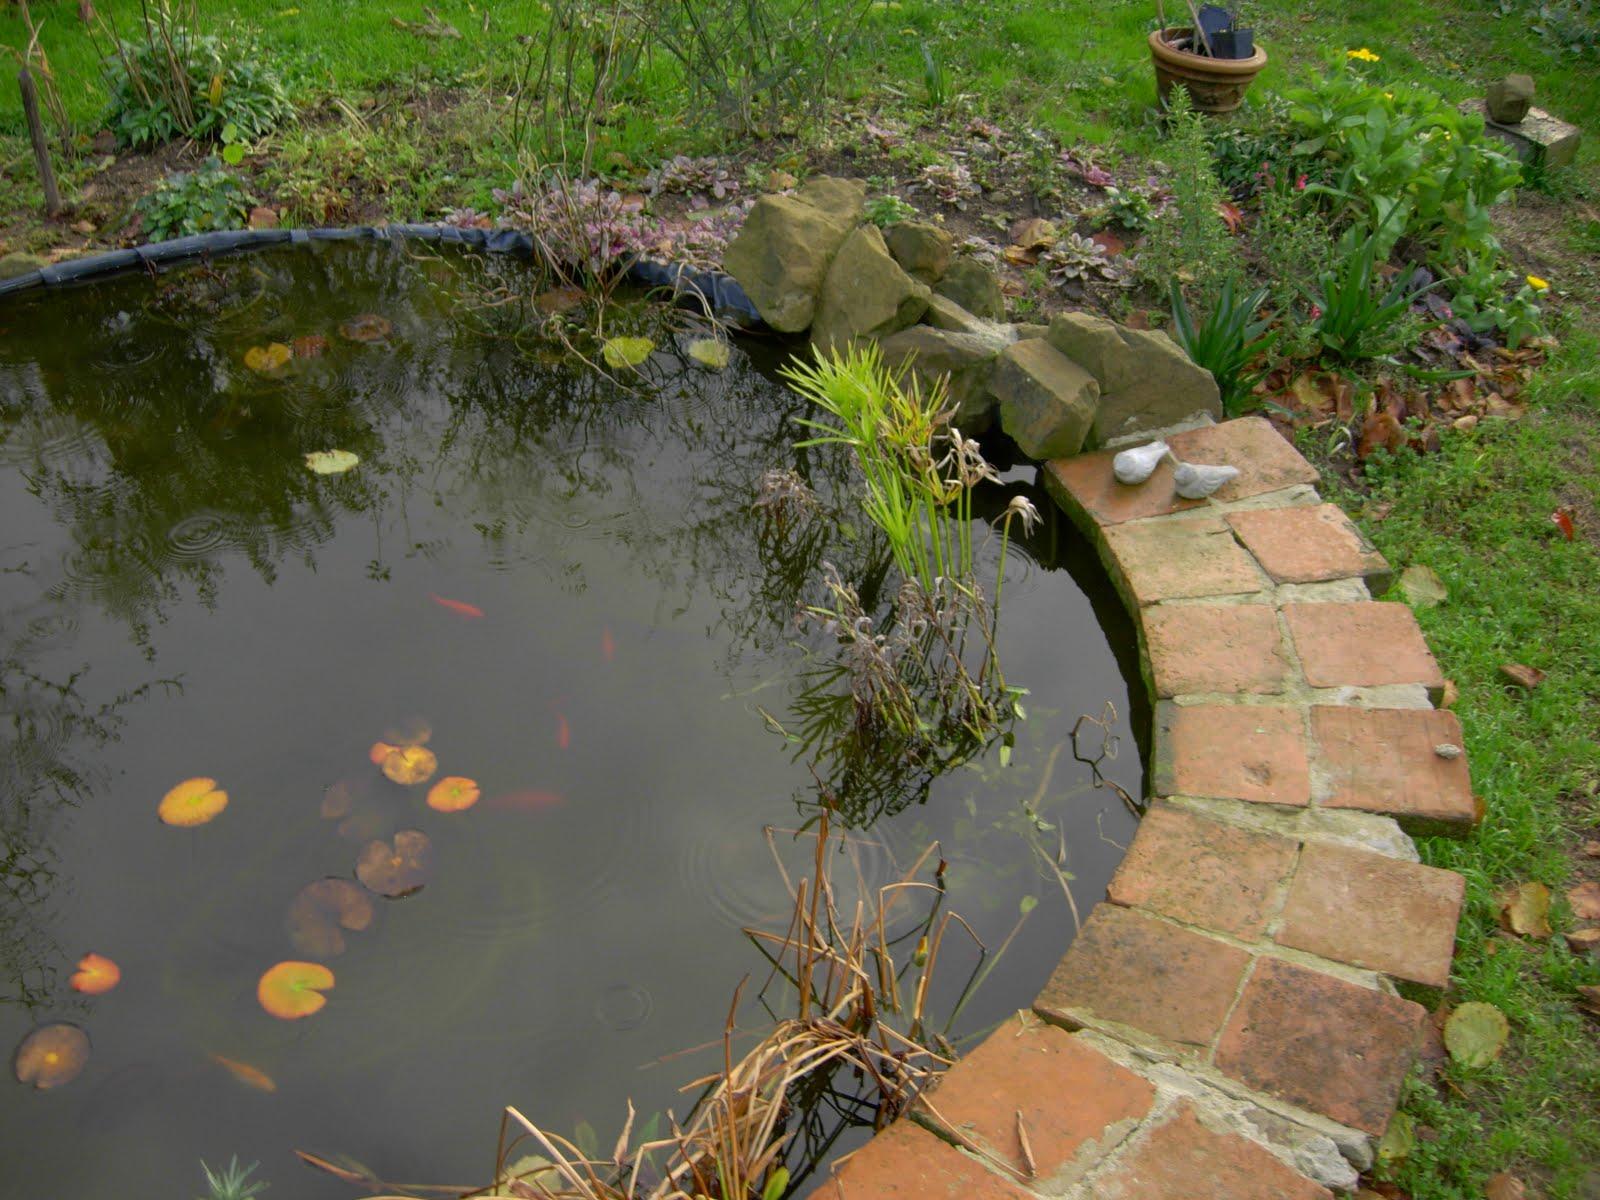 Iris libellule fine novembre la vasca dei pesci rossi for Vasca pesci giardino